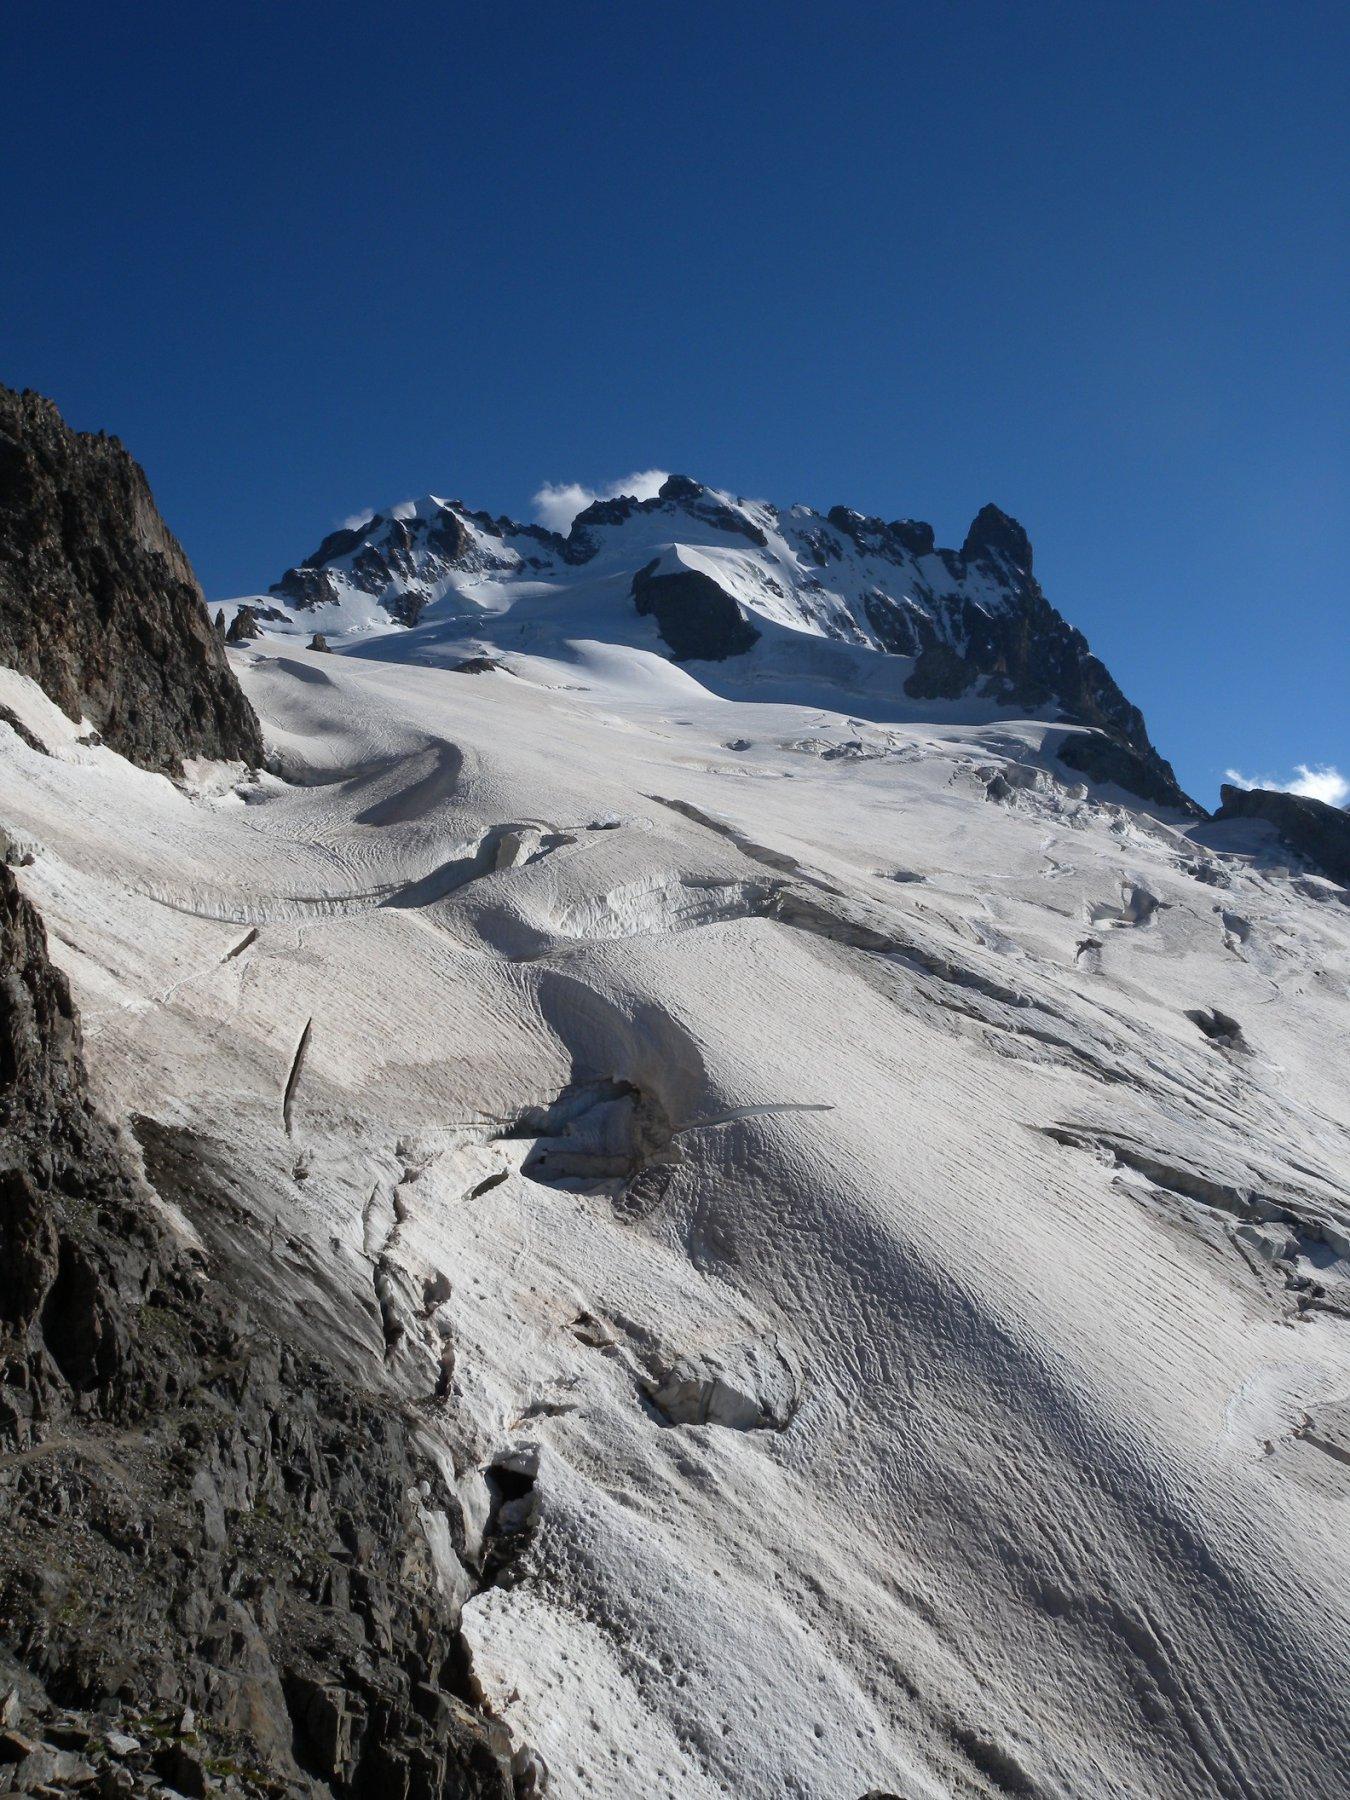 Meije (La) - Grand Pic Cresta del Promontoire e traversata delle creste 2016-08-12